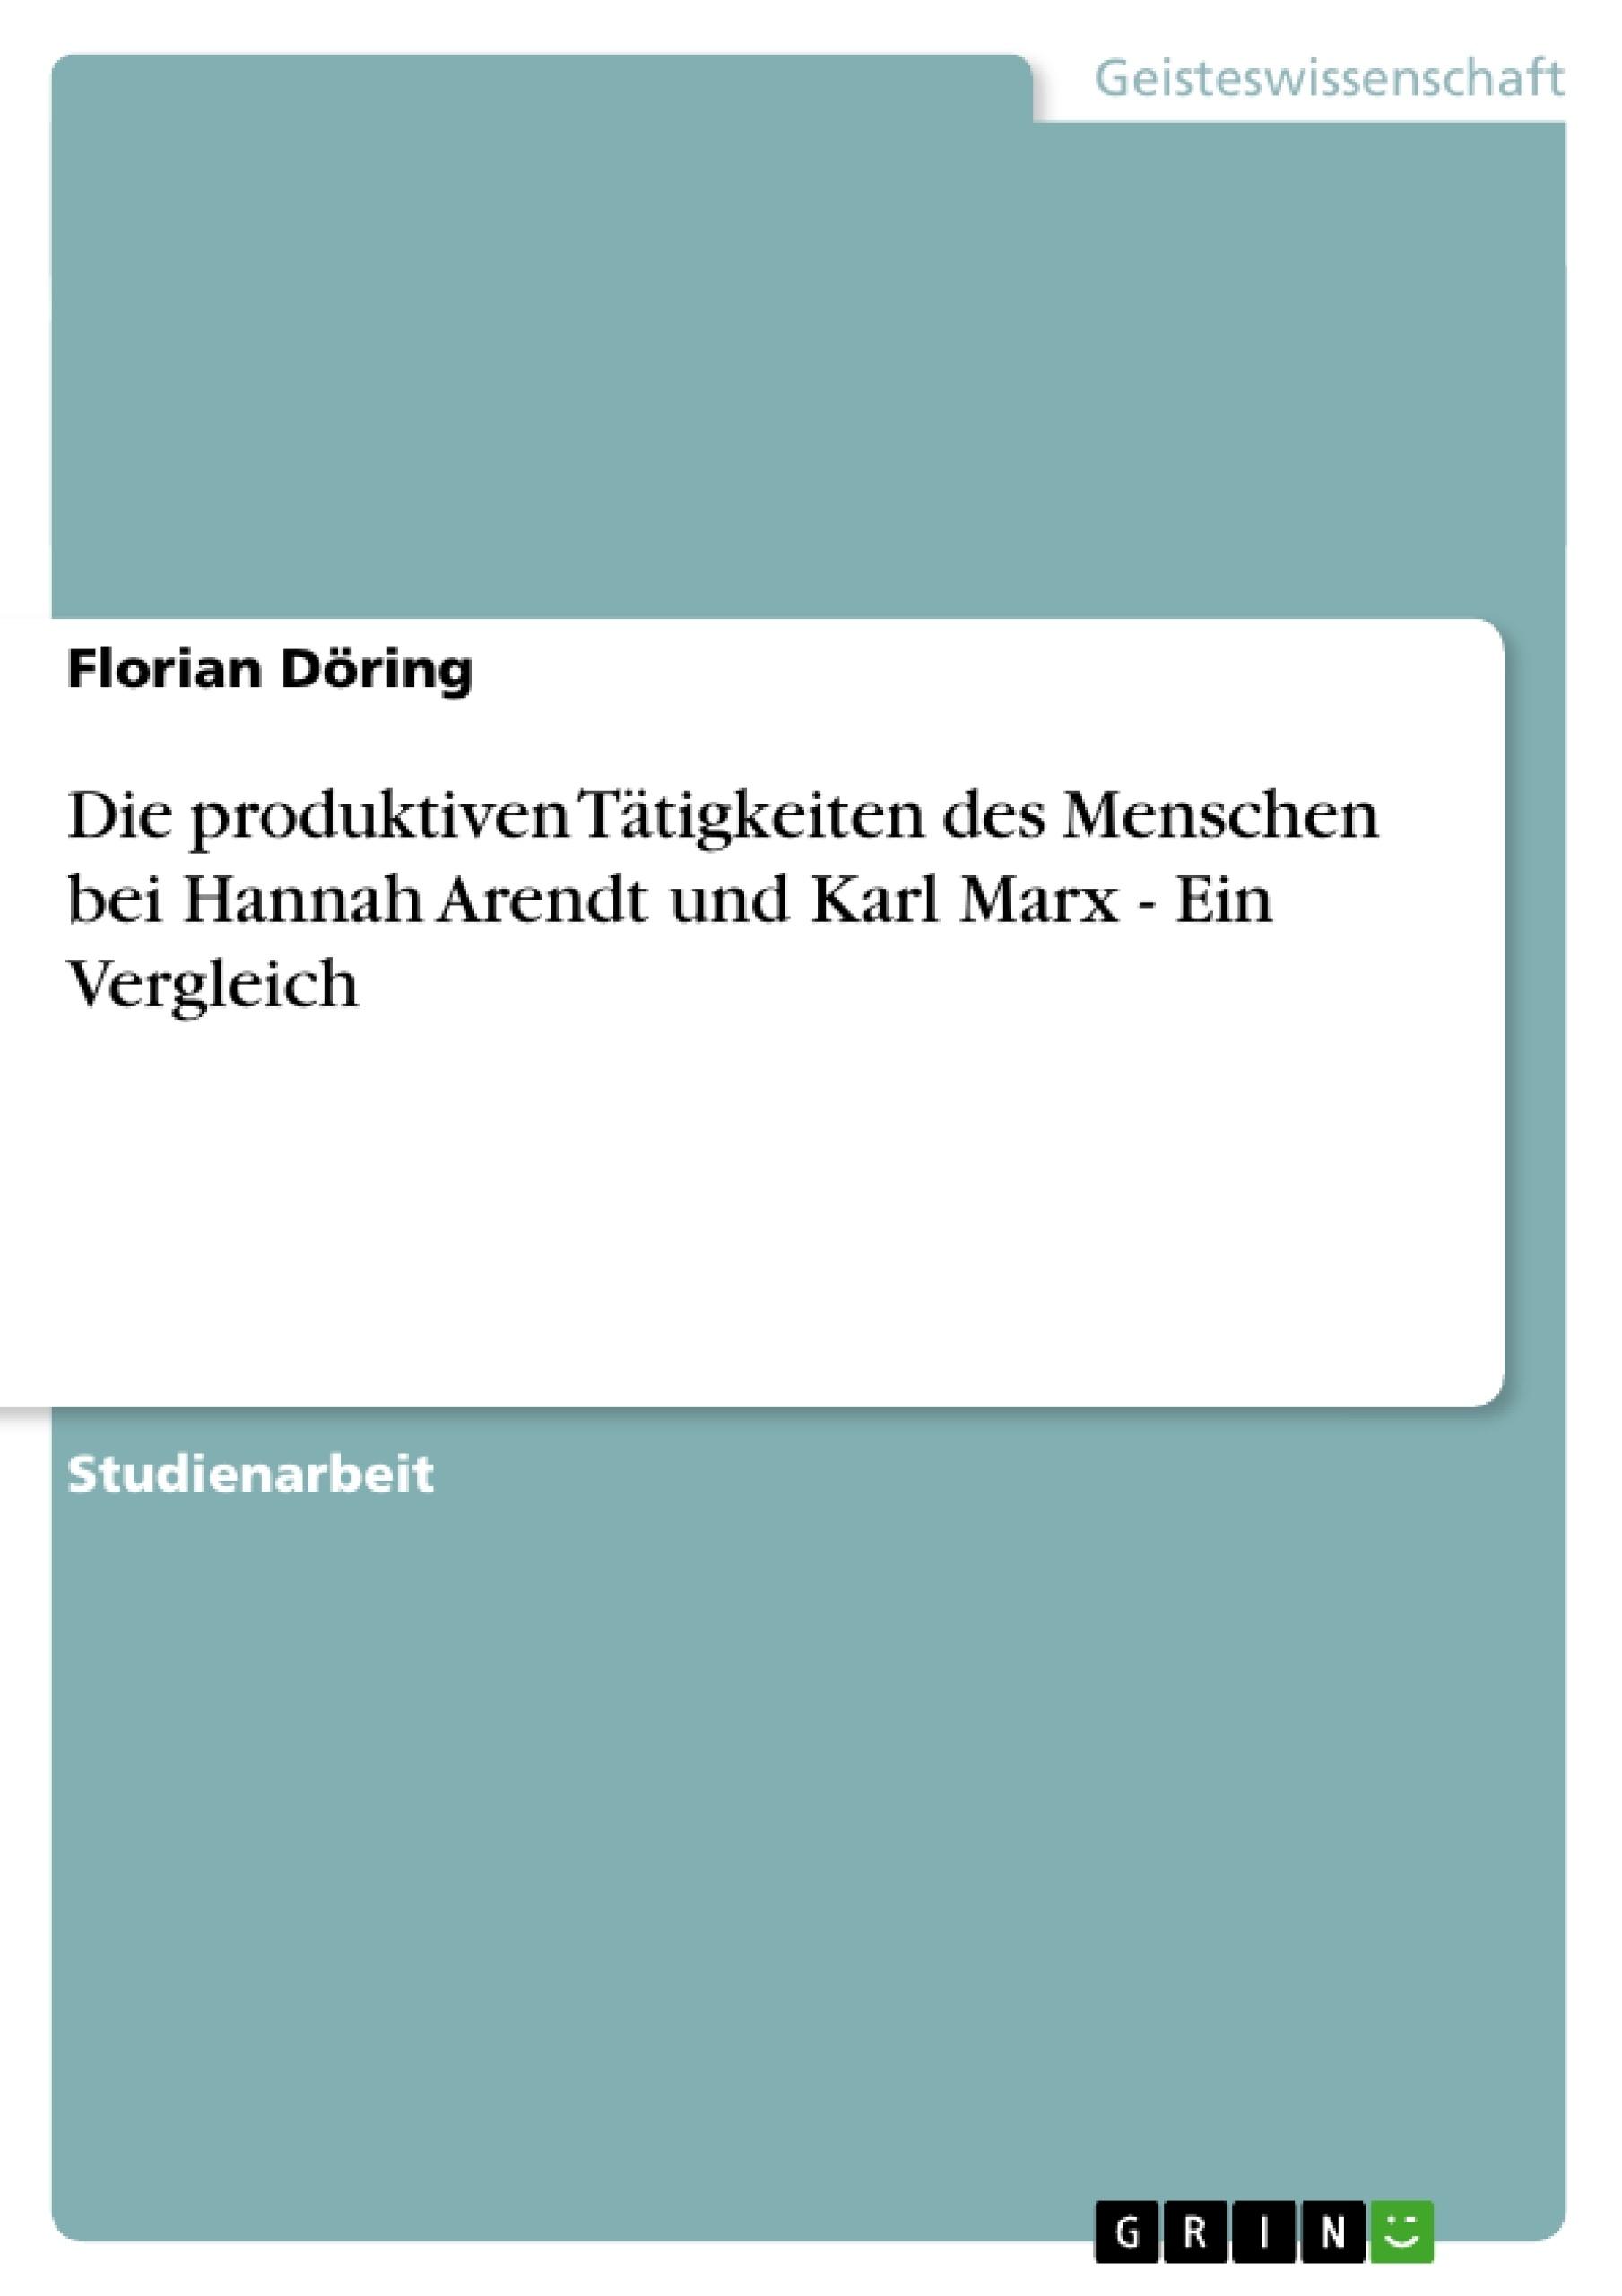 Titel: Die produktiven Tätigkeiten des Menschen bei Hannah Arendt und Karl Marx - Ein Vergleich